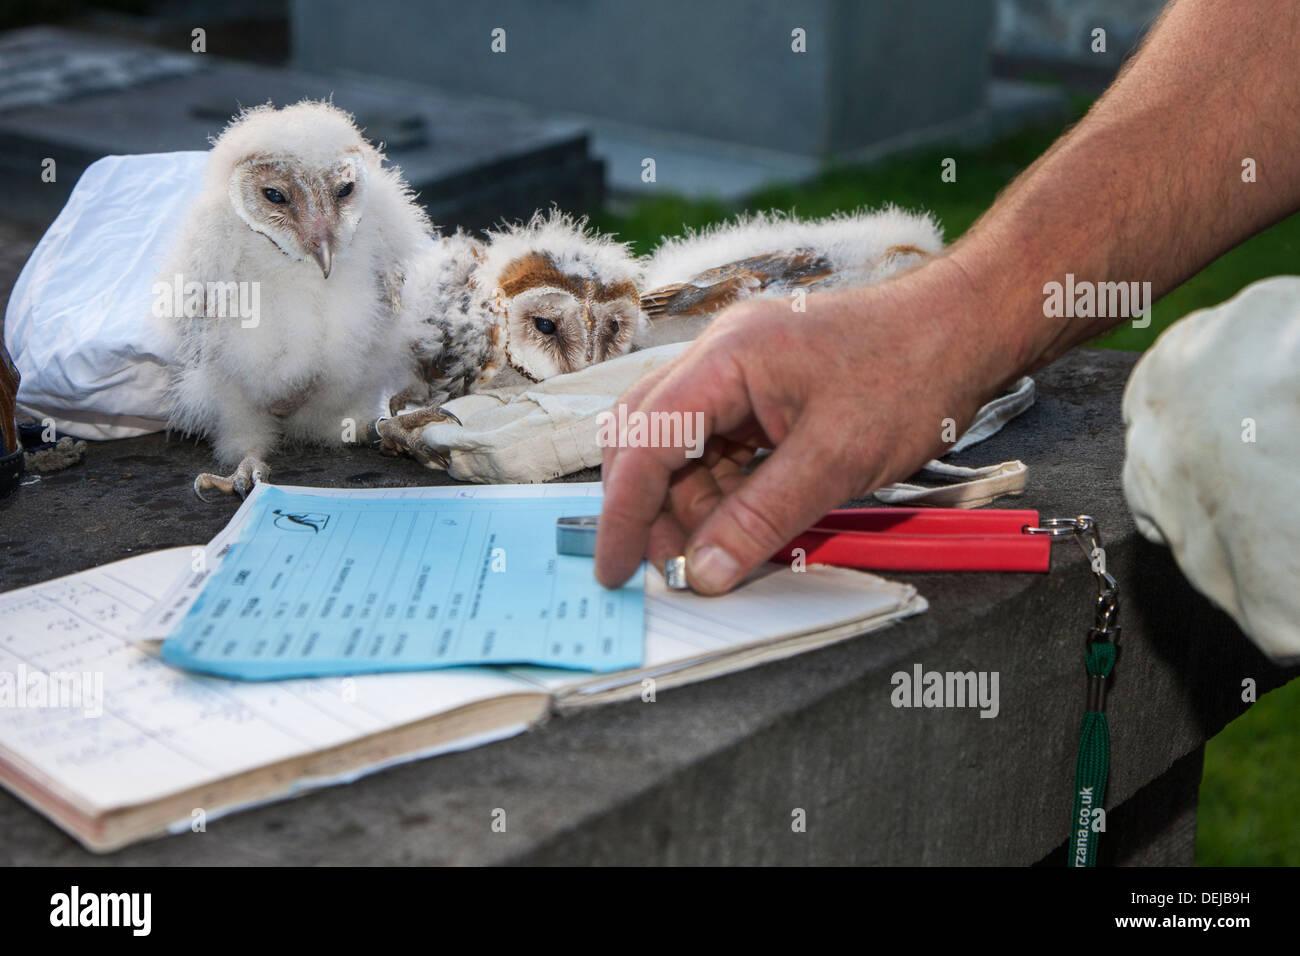 Vogel Wecker mit zwei Zangen und Notebook Schleiereule (Tyto Alba) Nestlingszeit Klingeln / Küken mit Metallringe am Bein Stockbild